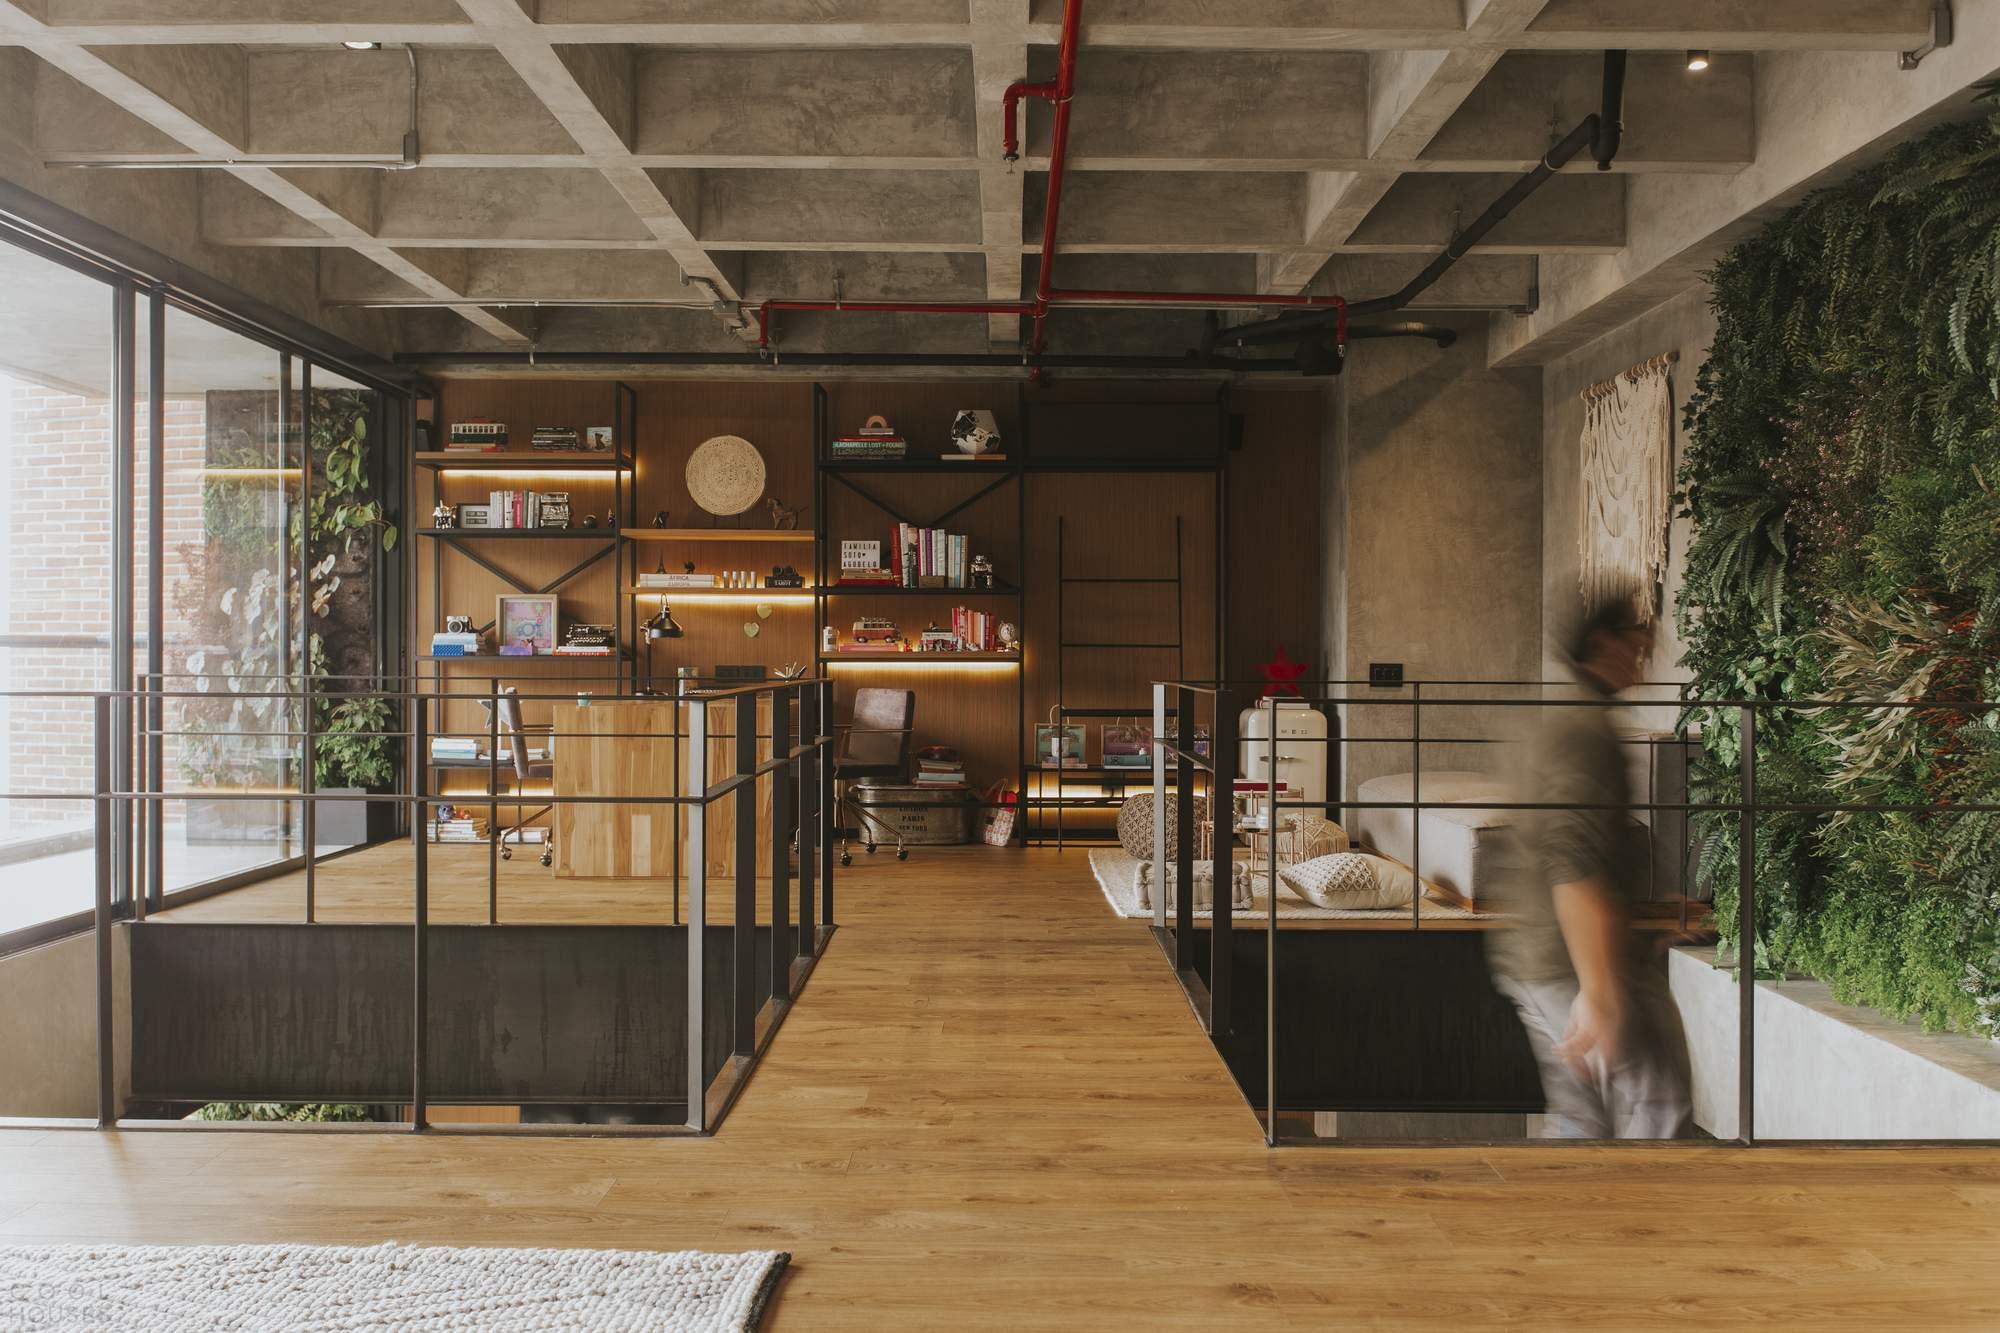 Двухэтажная квартира с ощущением непрерывного пространства, Колумбия